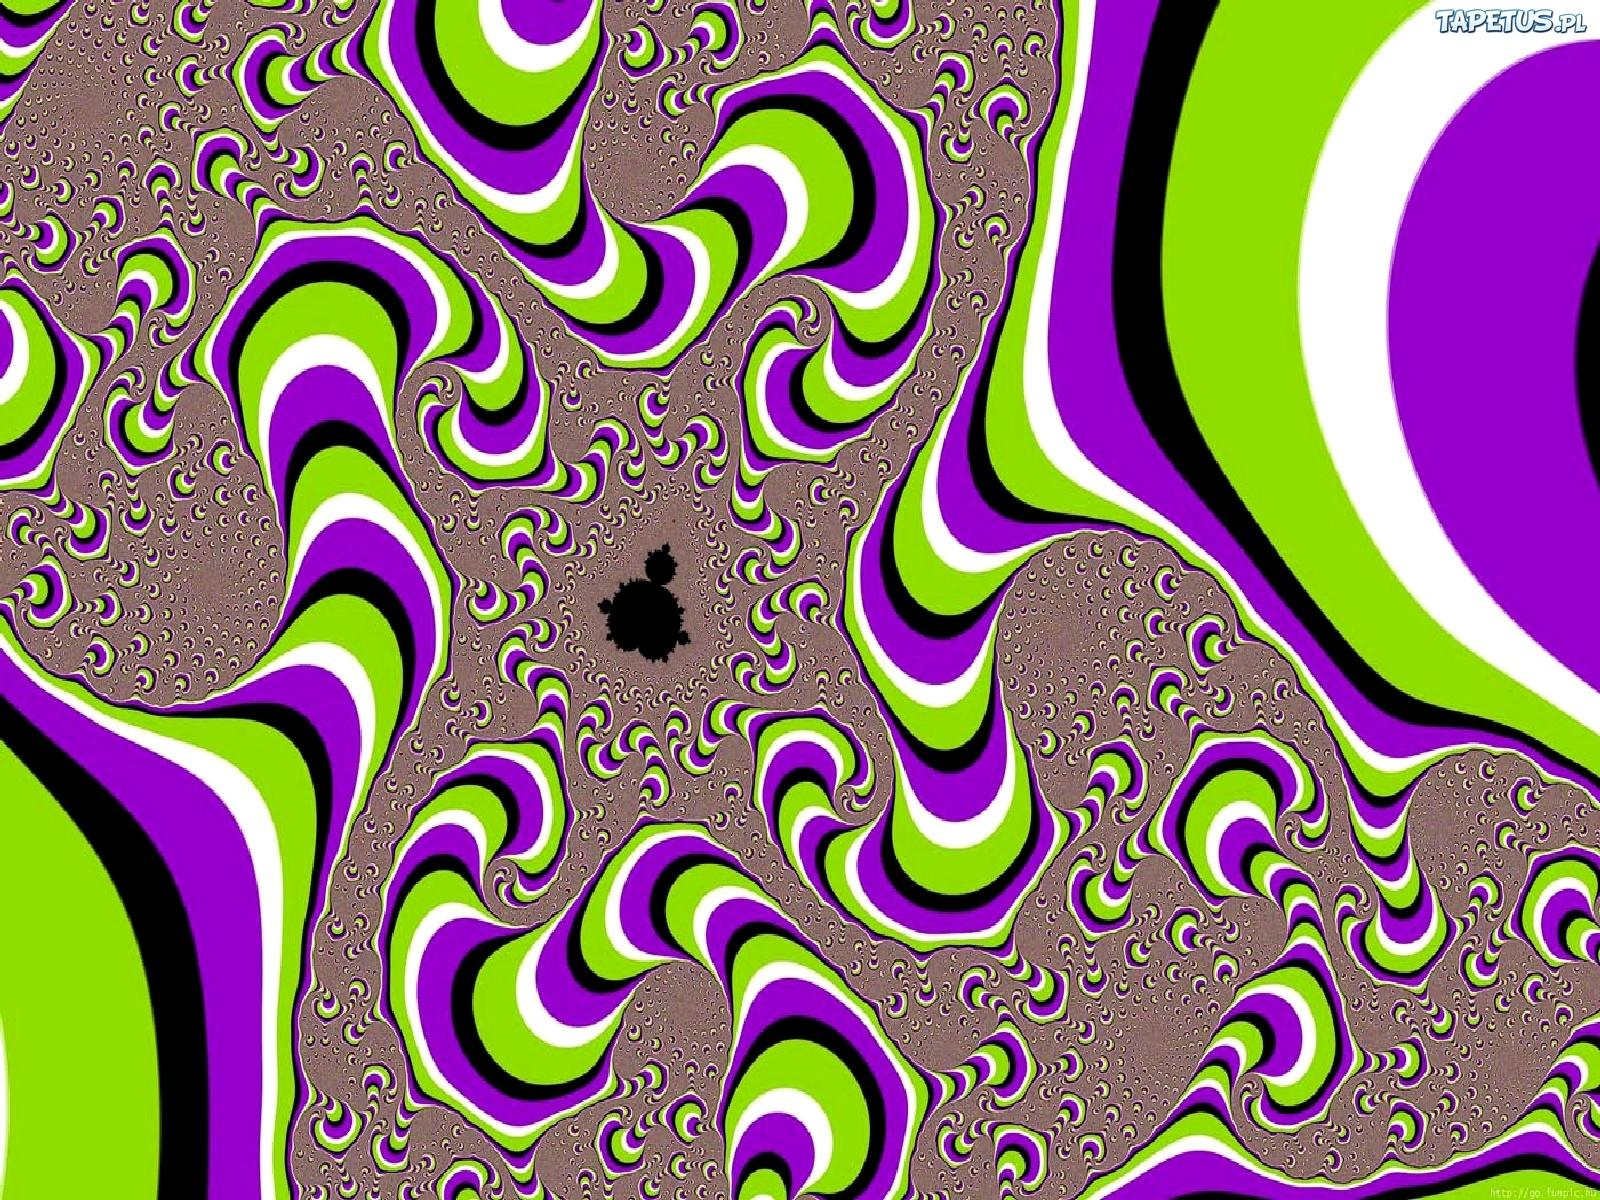 84188_iluzja.jpg